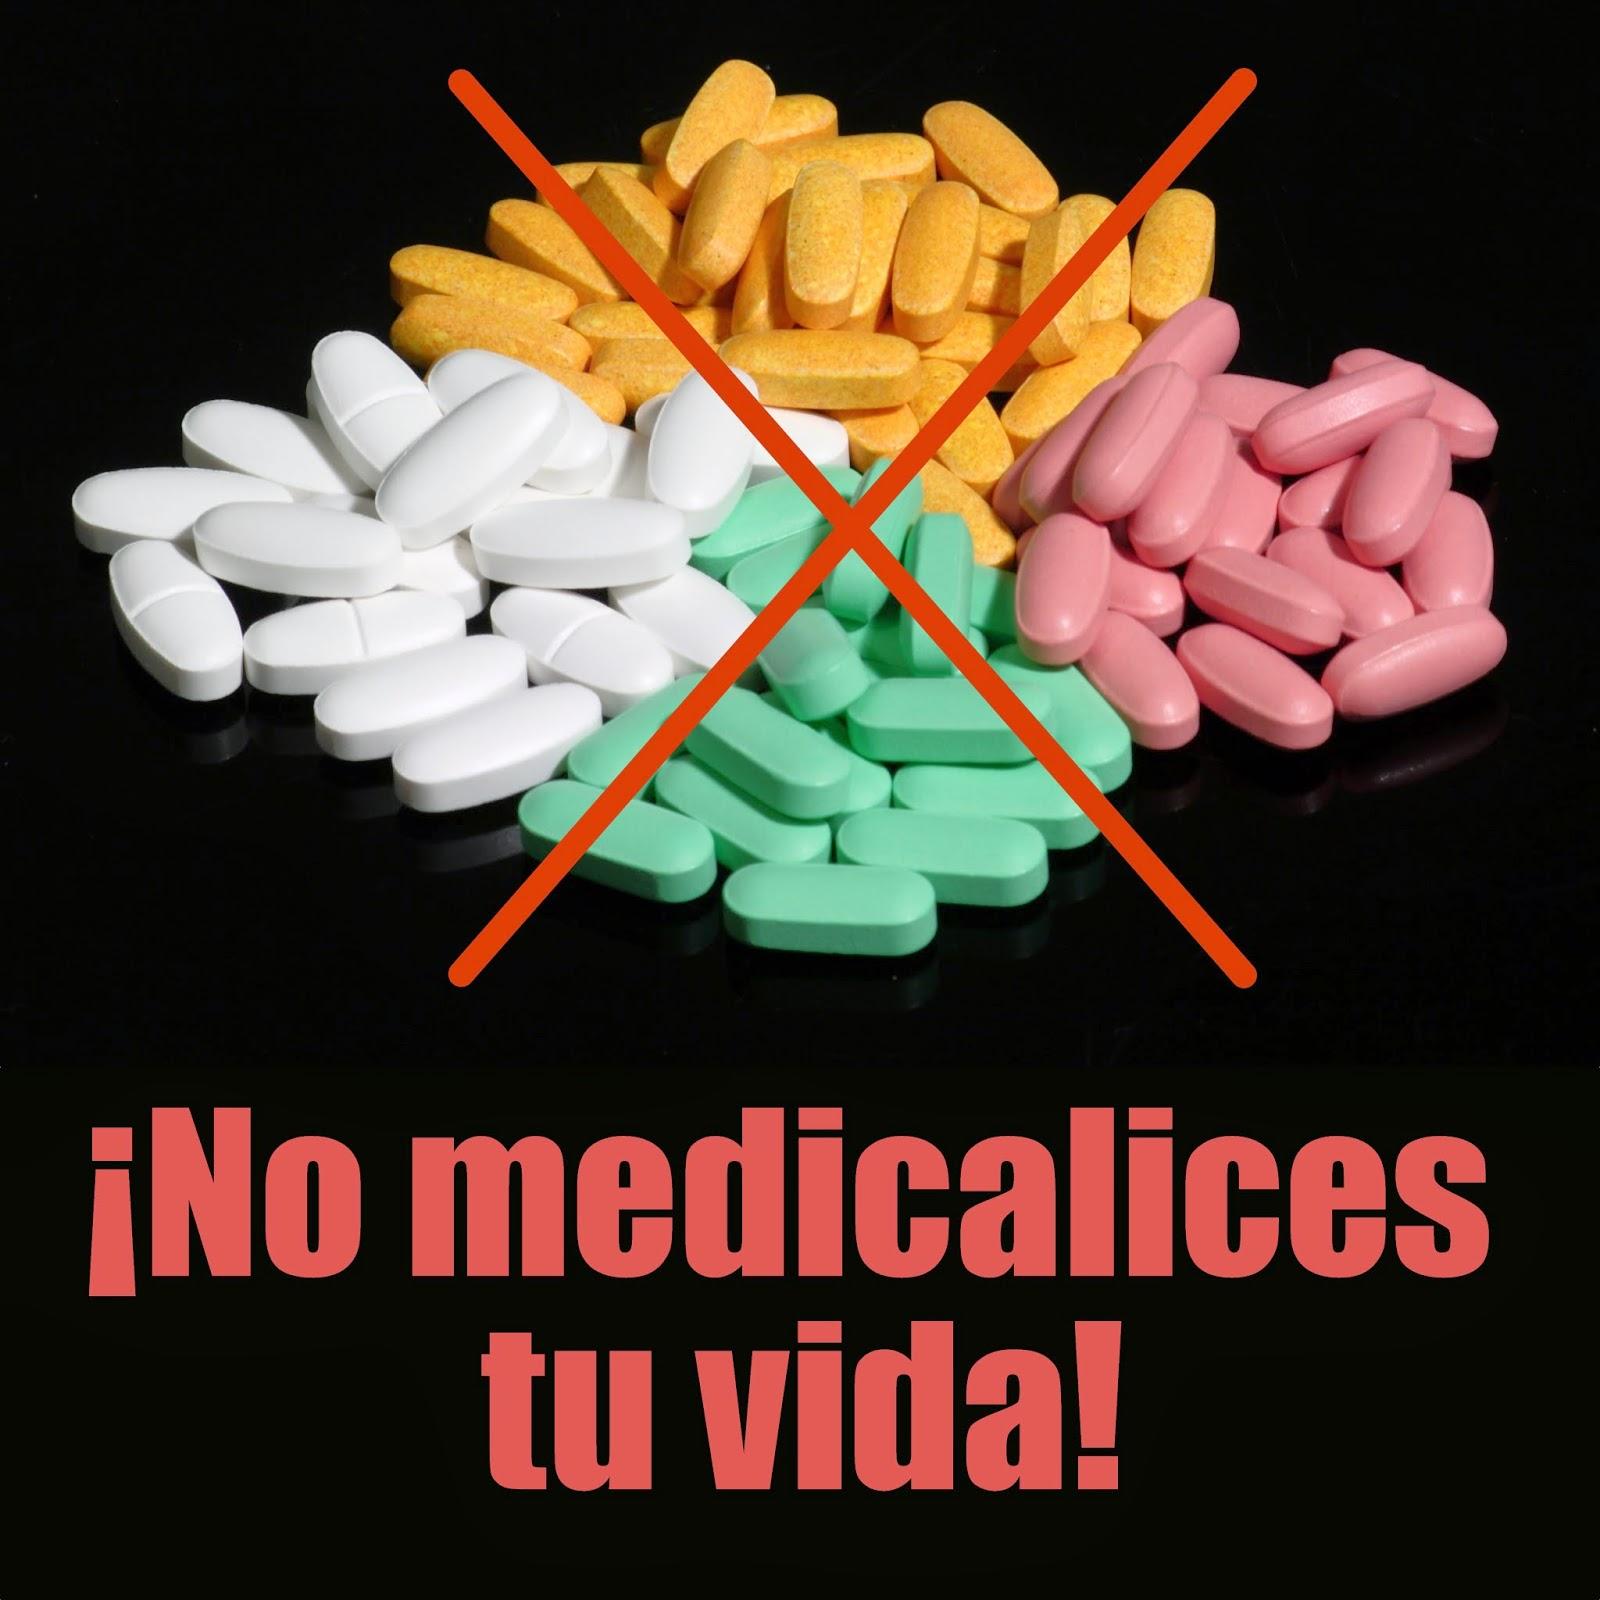 Pastillas de medicamentos tachadas con una equis